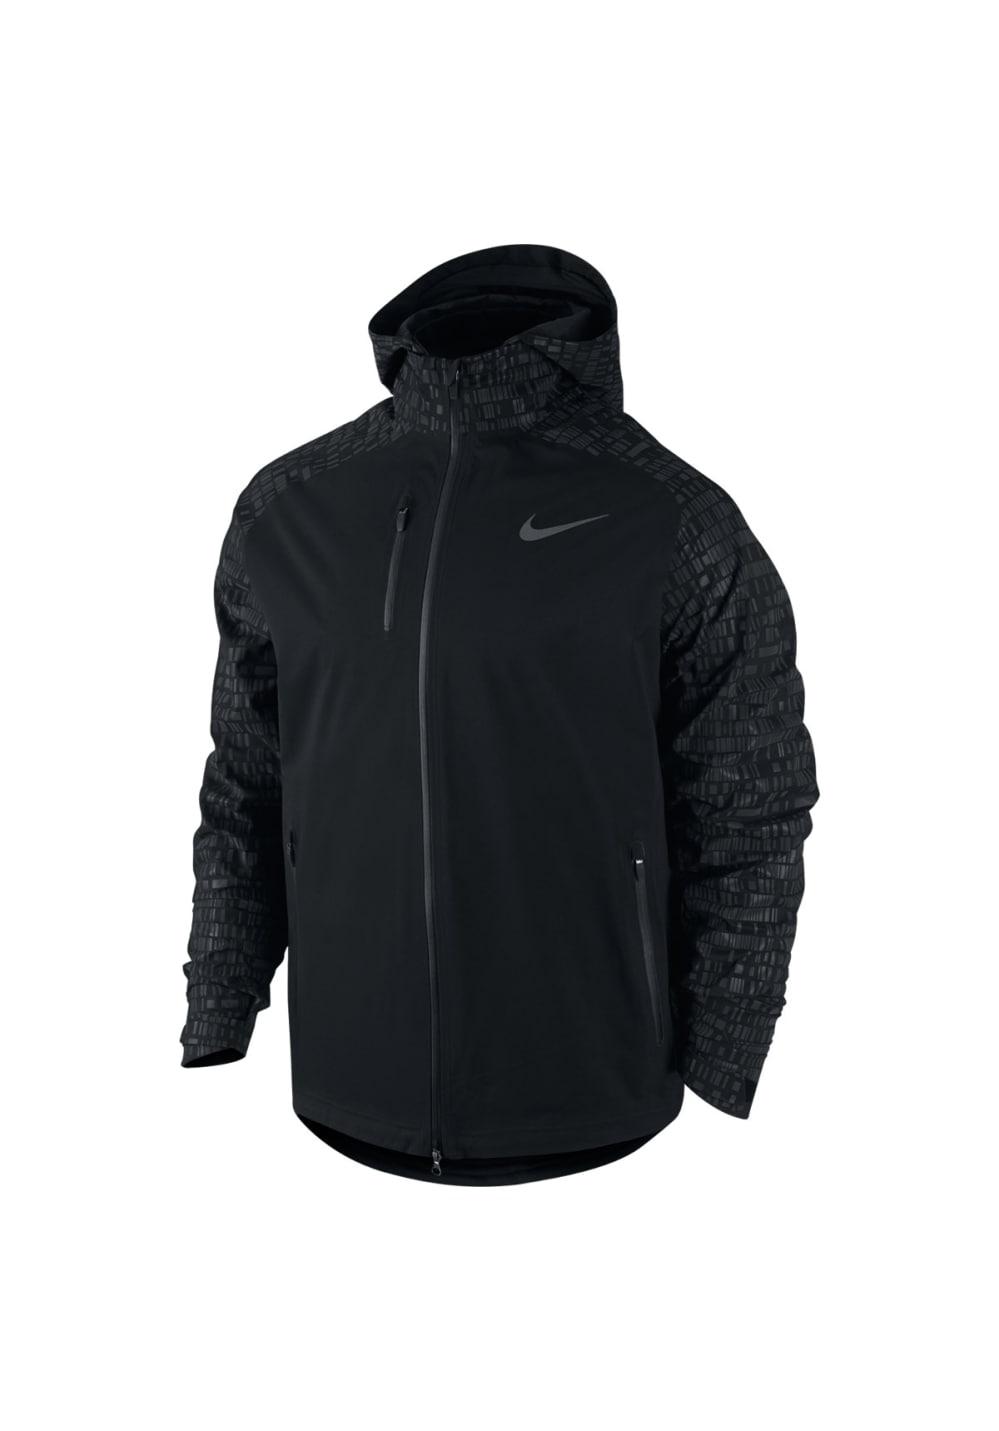 Running Jacket Homme Noir Vestes Nike Pour Course Hypershield Zw56nqT